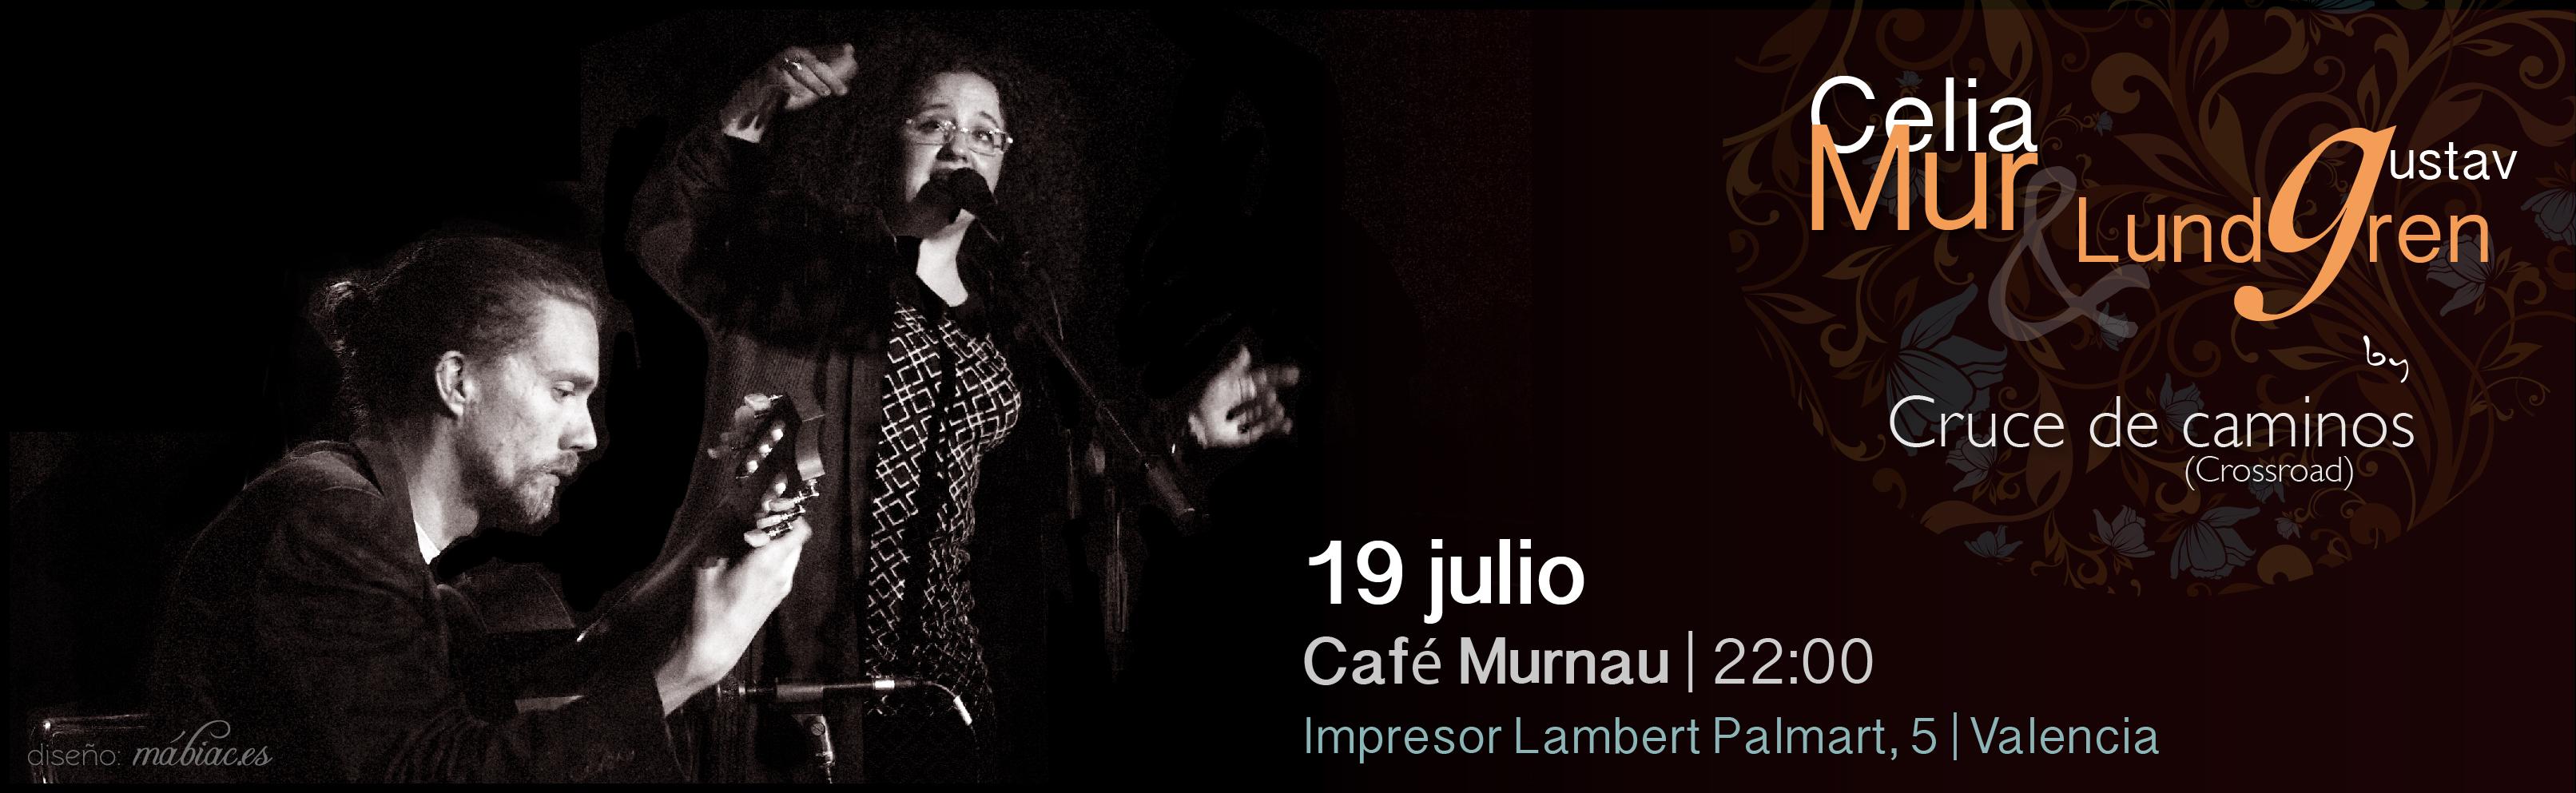 Cruce de caminos. Café Murnau